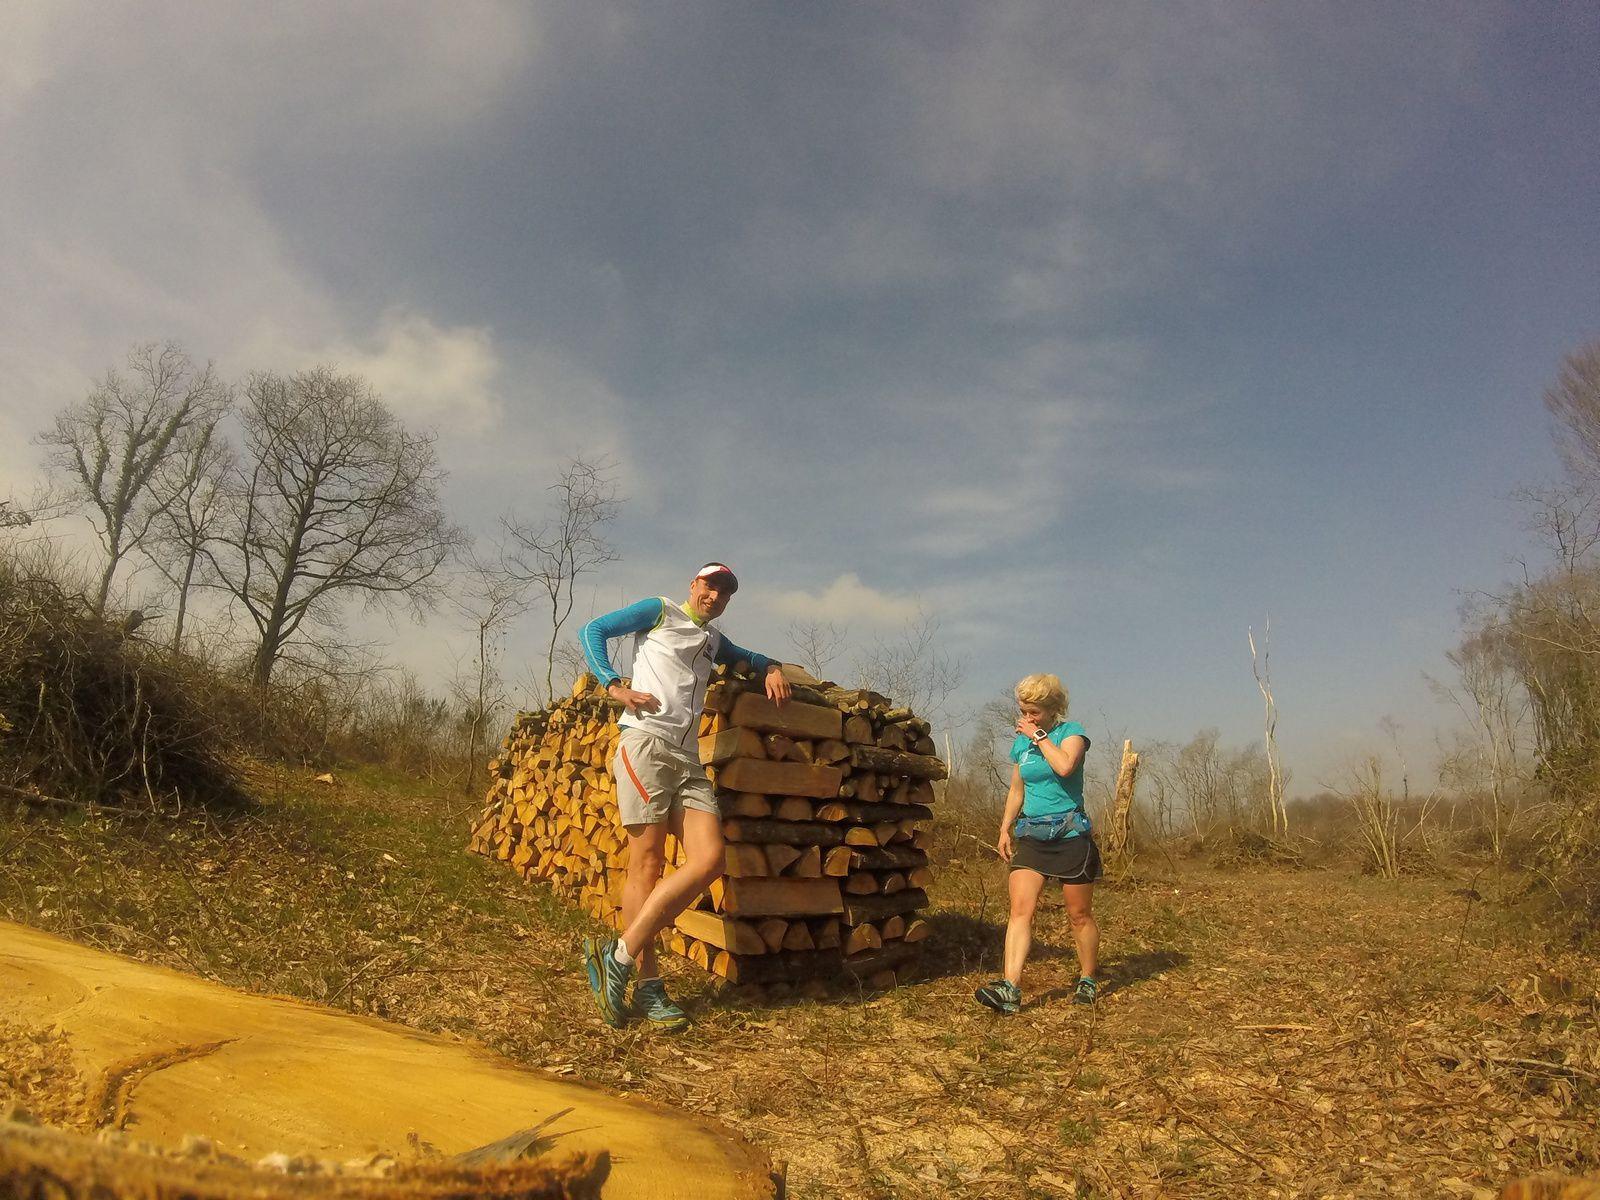 Objectif X'Trem Breizh (Swim, Bike and Run For AAD)... samedi 25 mars... (S11) footing trail en compagnie de MAK... Au total: 19.12kms en 1h57min11s/ vitesse moyenne: 09.80km/h / Dénivelé + 328m - 335m... @suivre